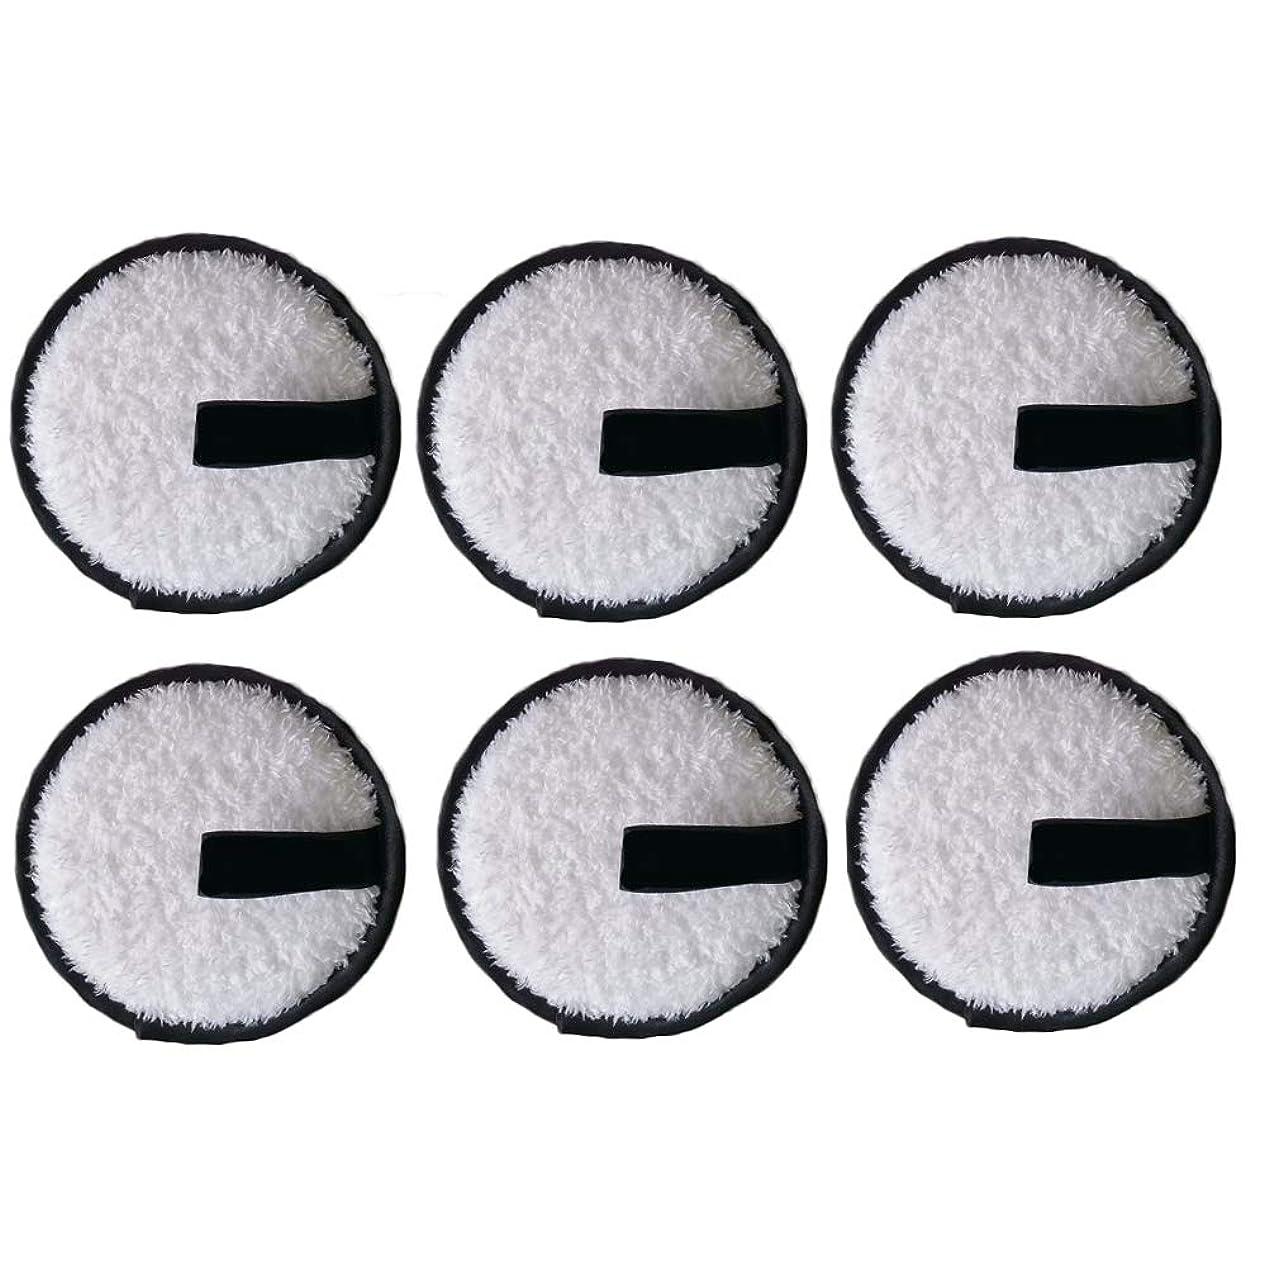 備品ボランティア富Frcolor メイクアップパフ クレンジングパフ メイク落とし圧縮パッド 6本(黒)